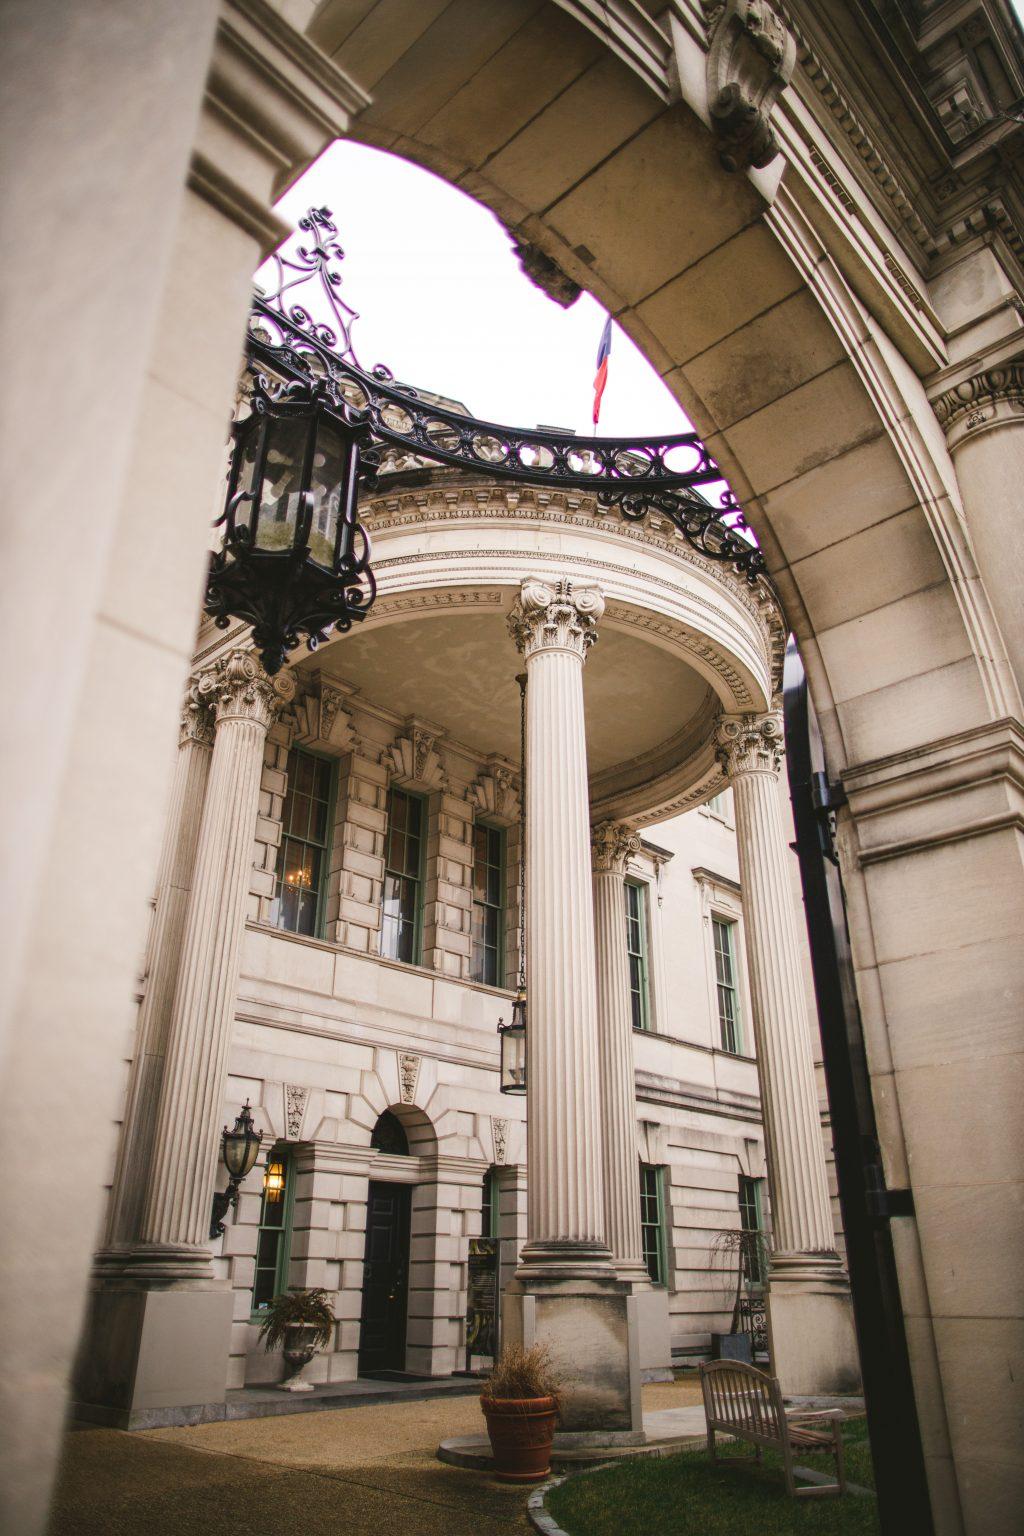 <h2>Enter through the gates</h2>Photo by Sam Hurd.